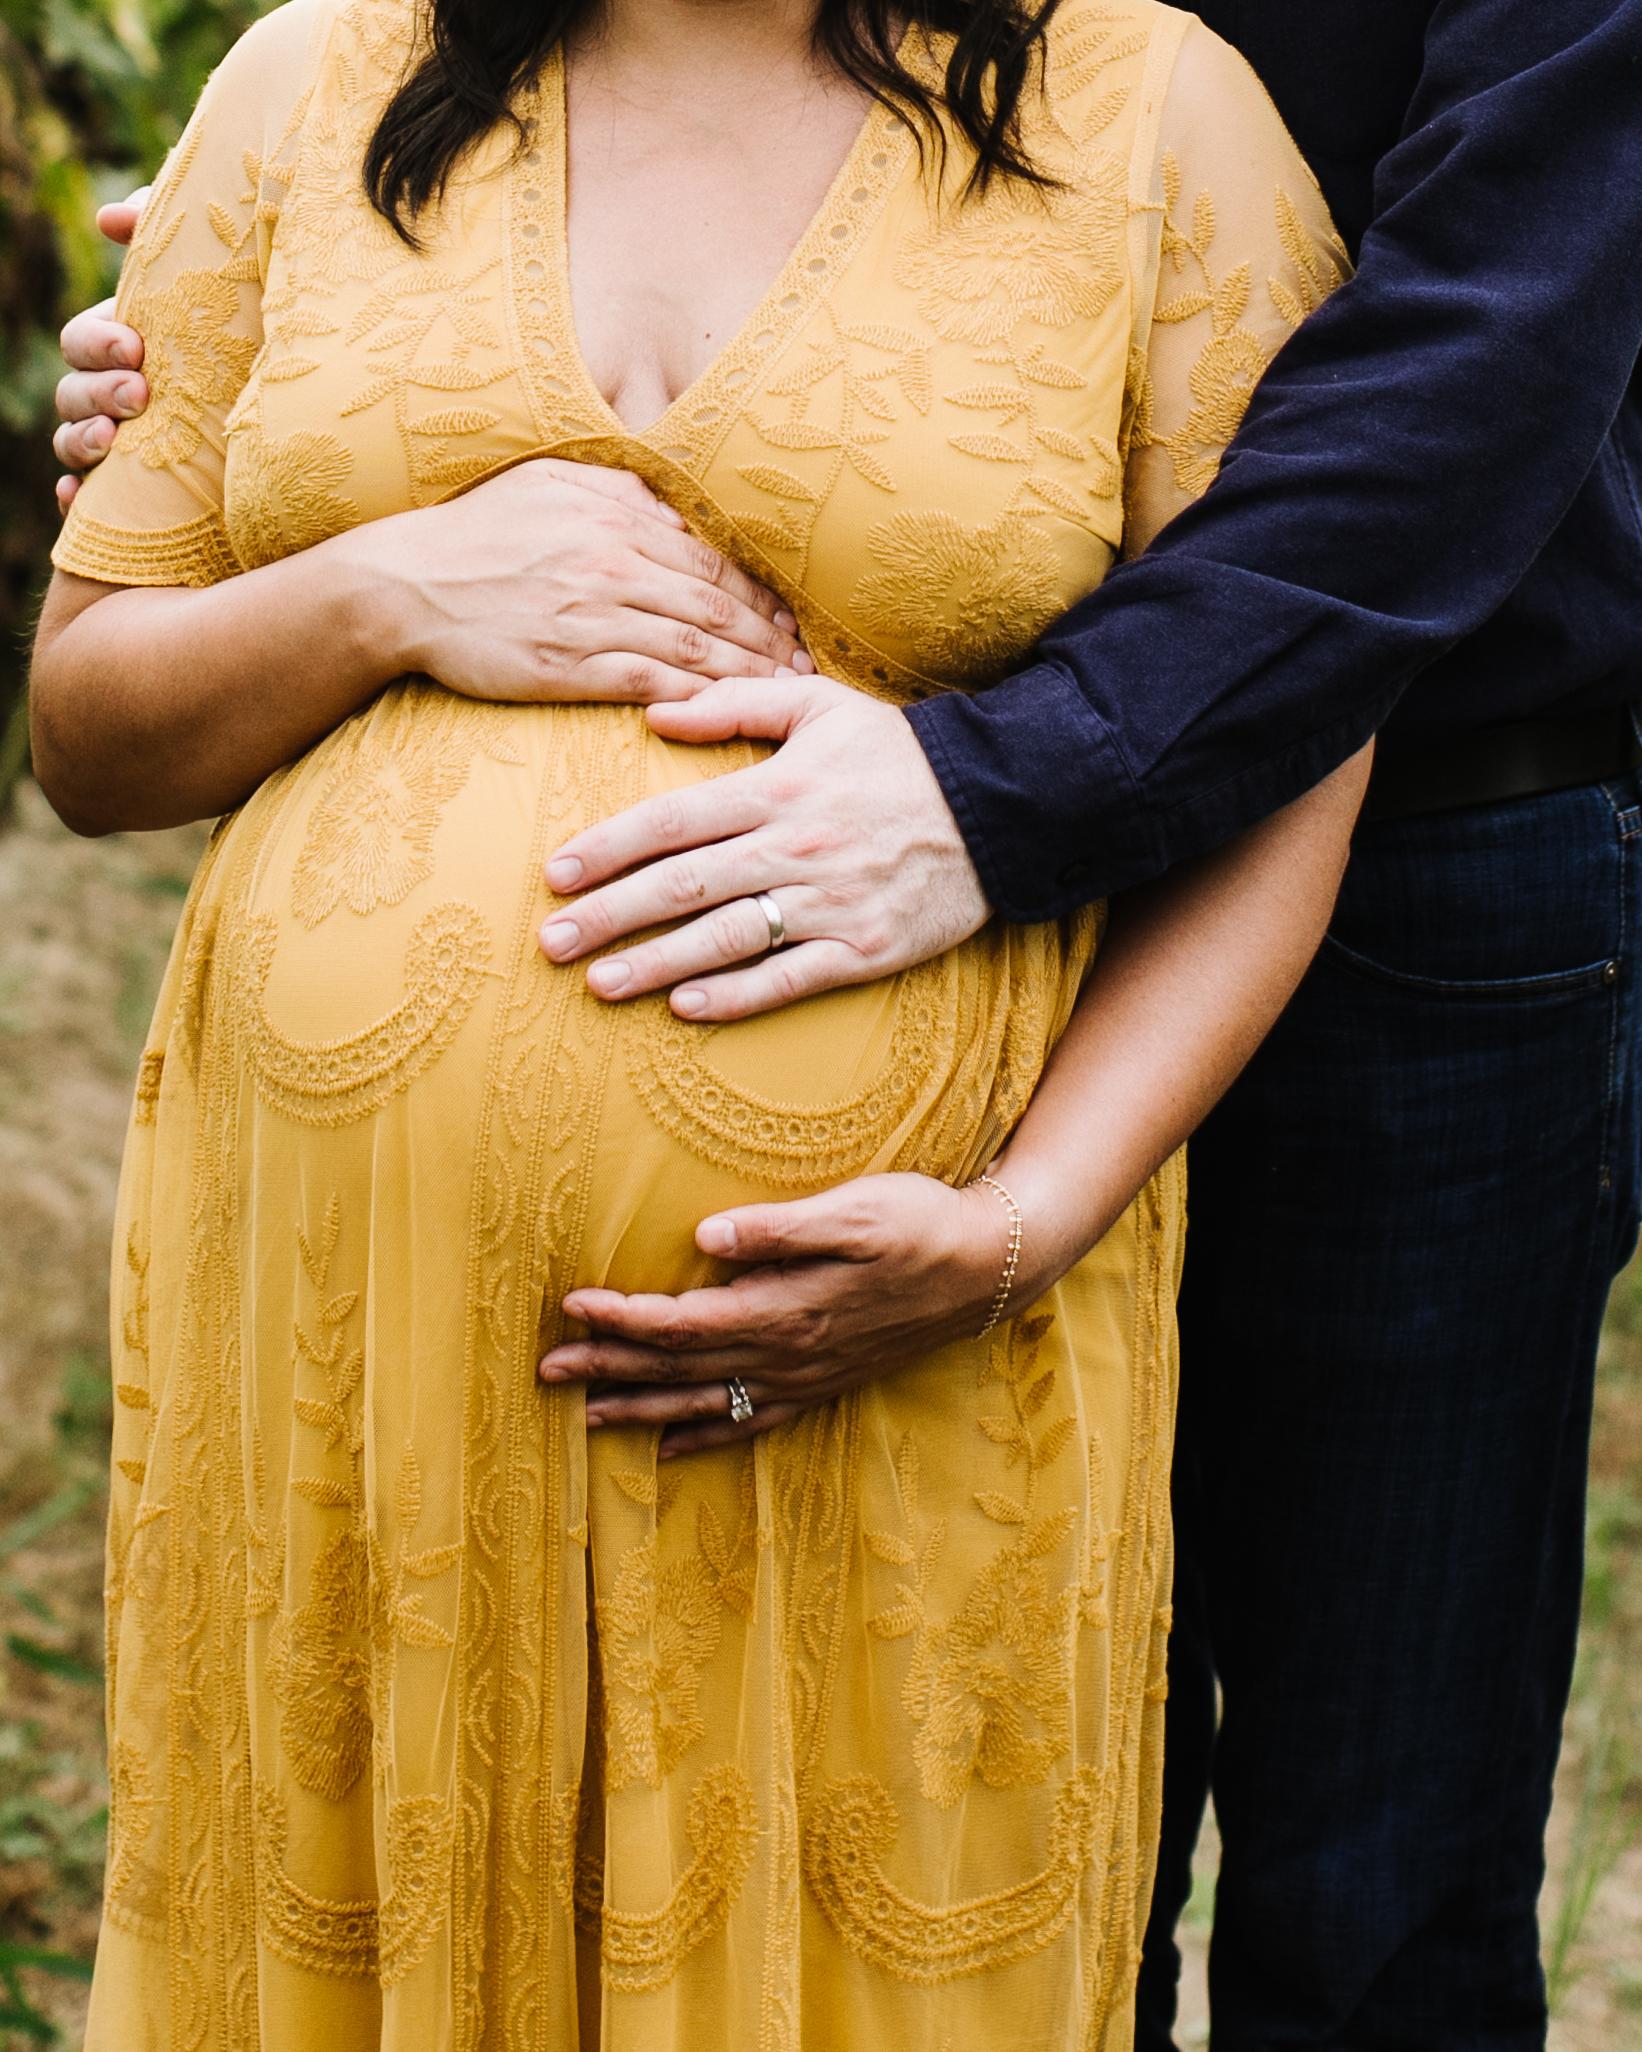 woodwards-maternity-2018-September-0354.jpg